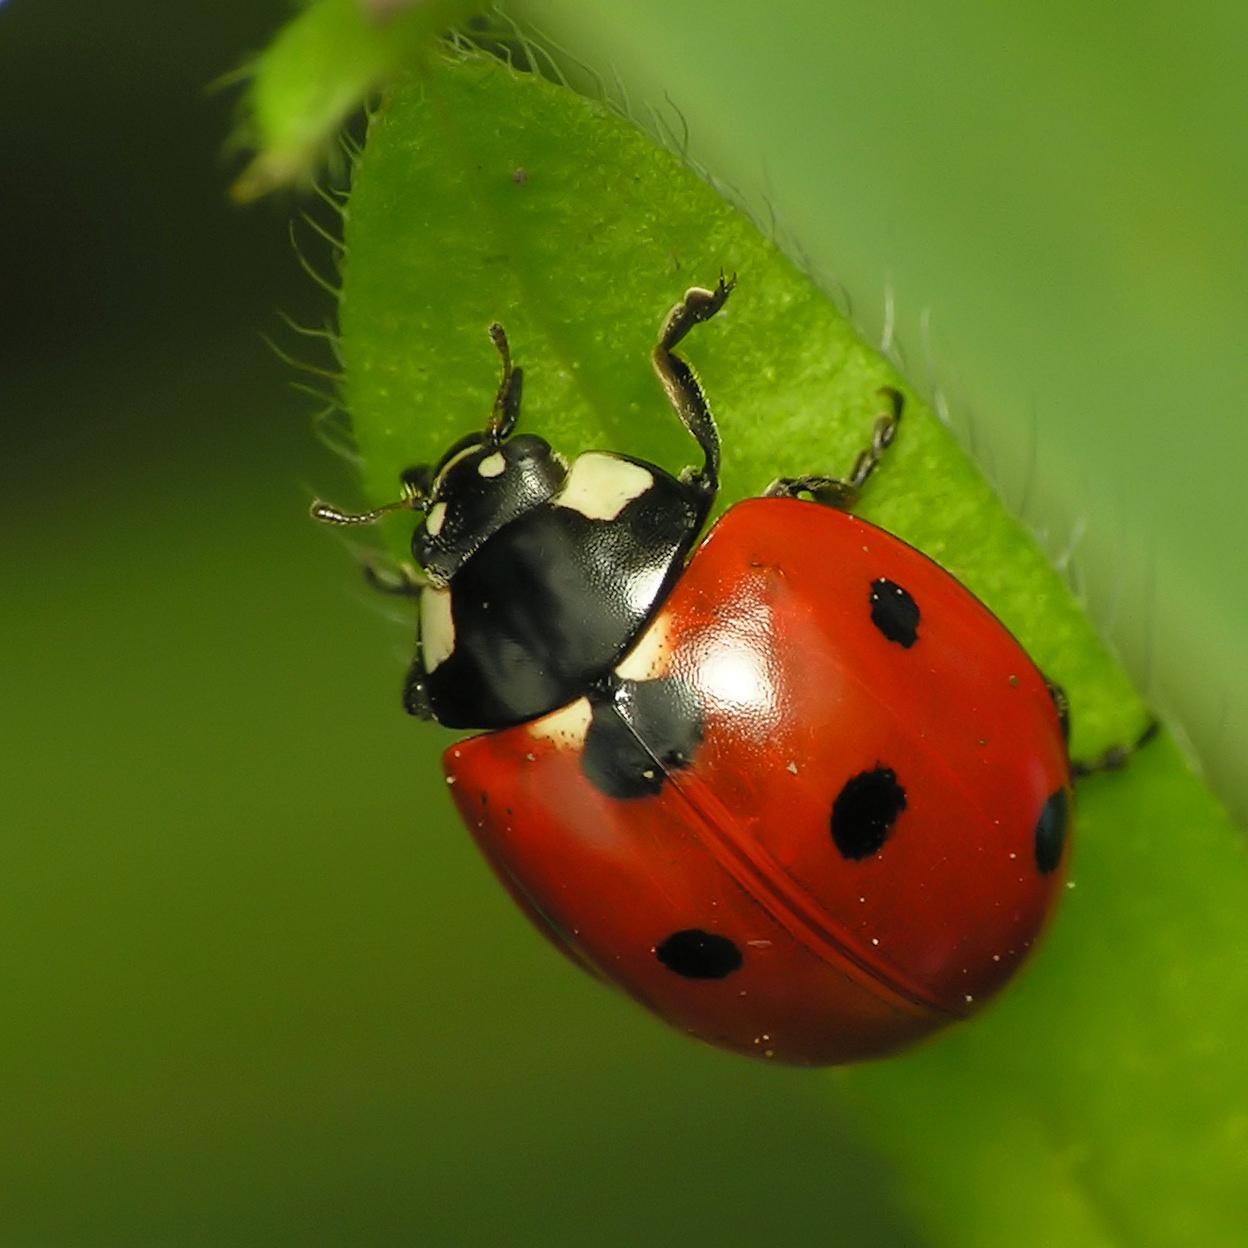 Beautiful Wallpapers: Most Beautiful Ladybug Photography ...